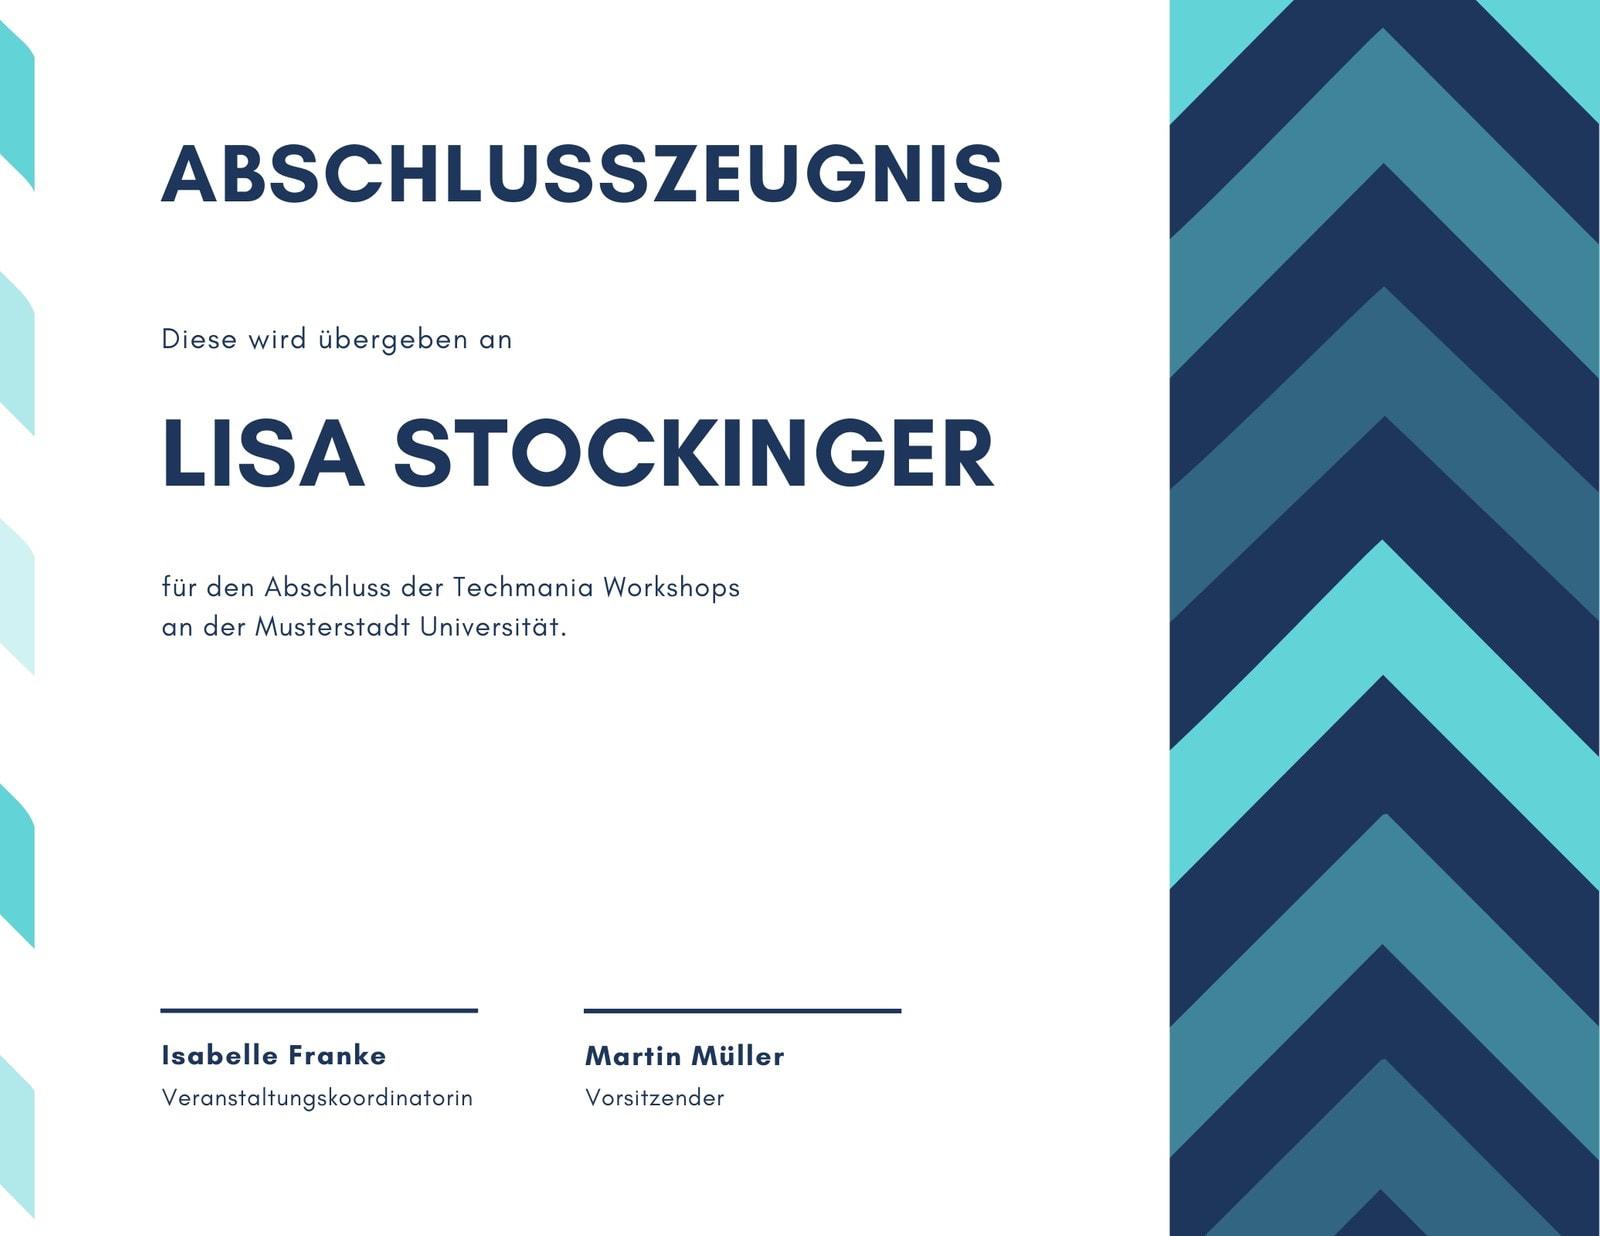 Blau Zickzack Abschlusszeugnis